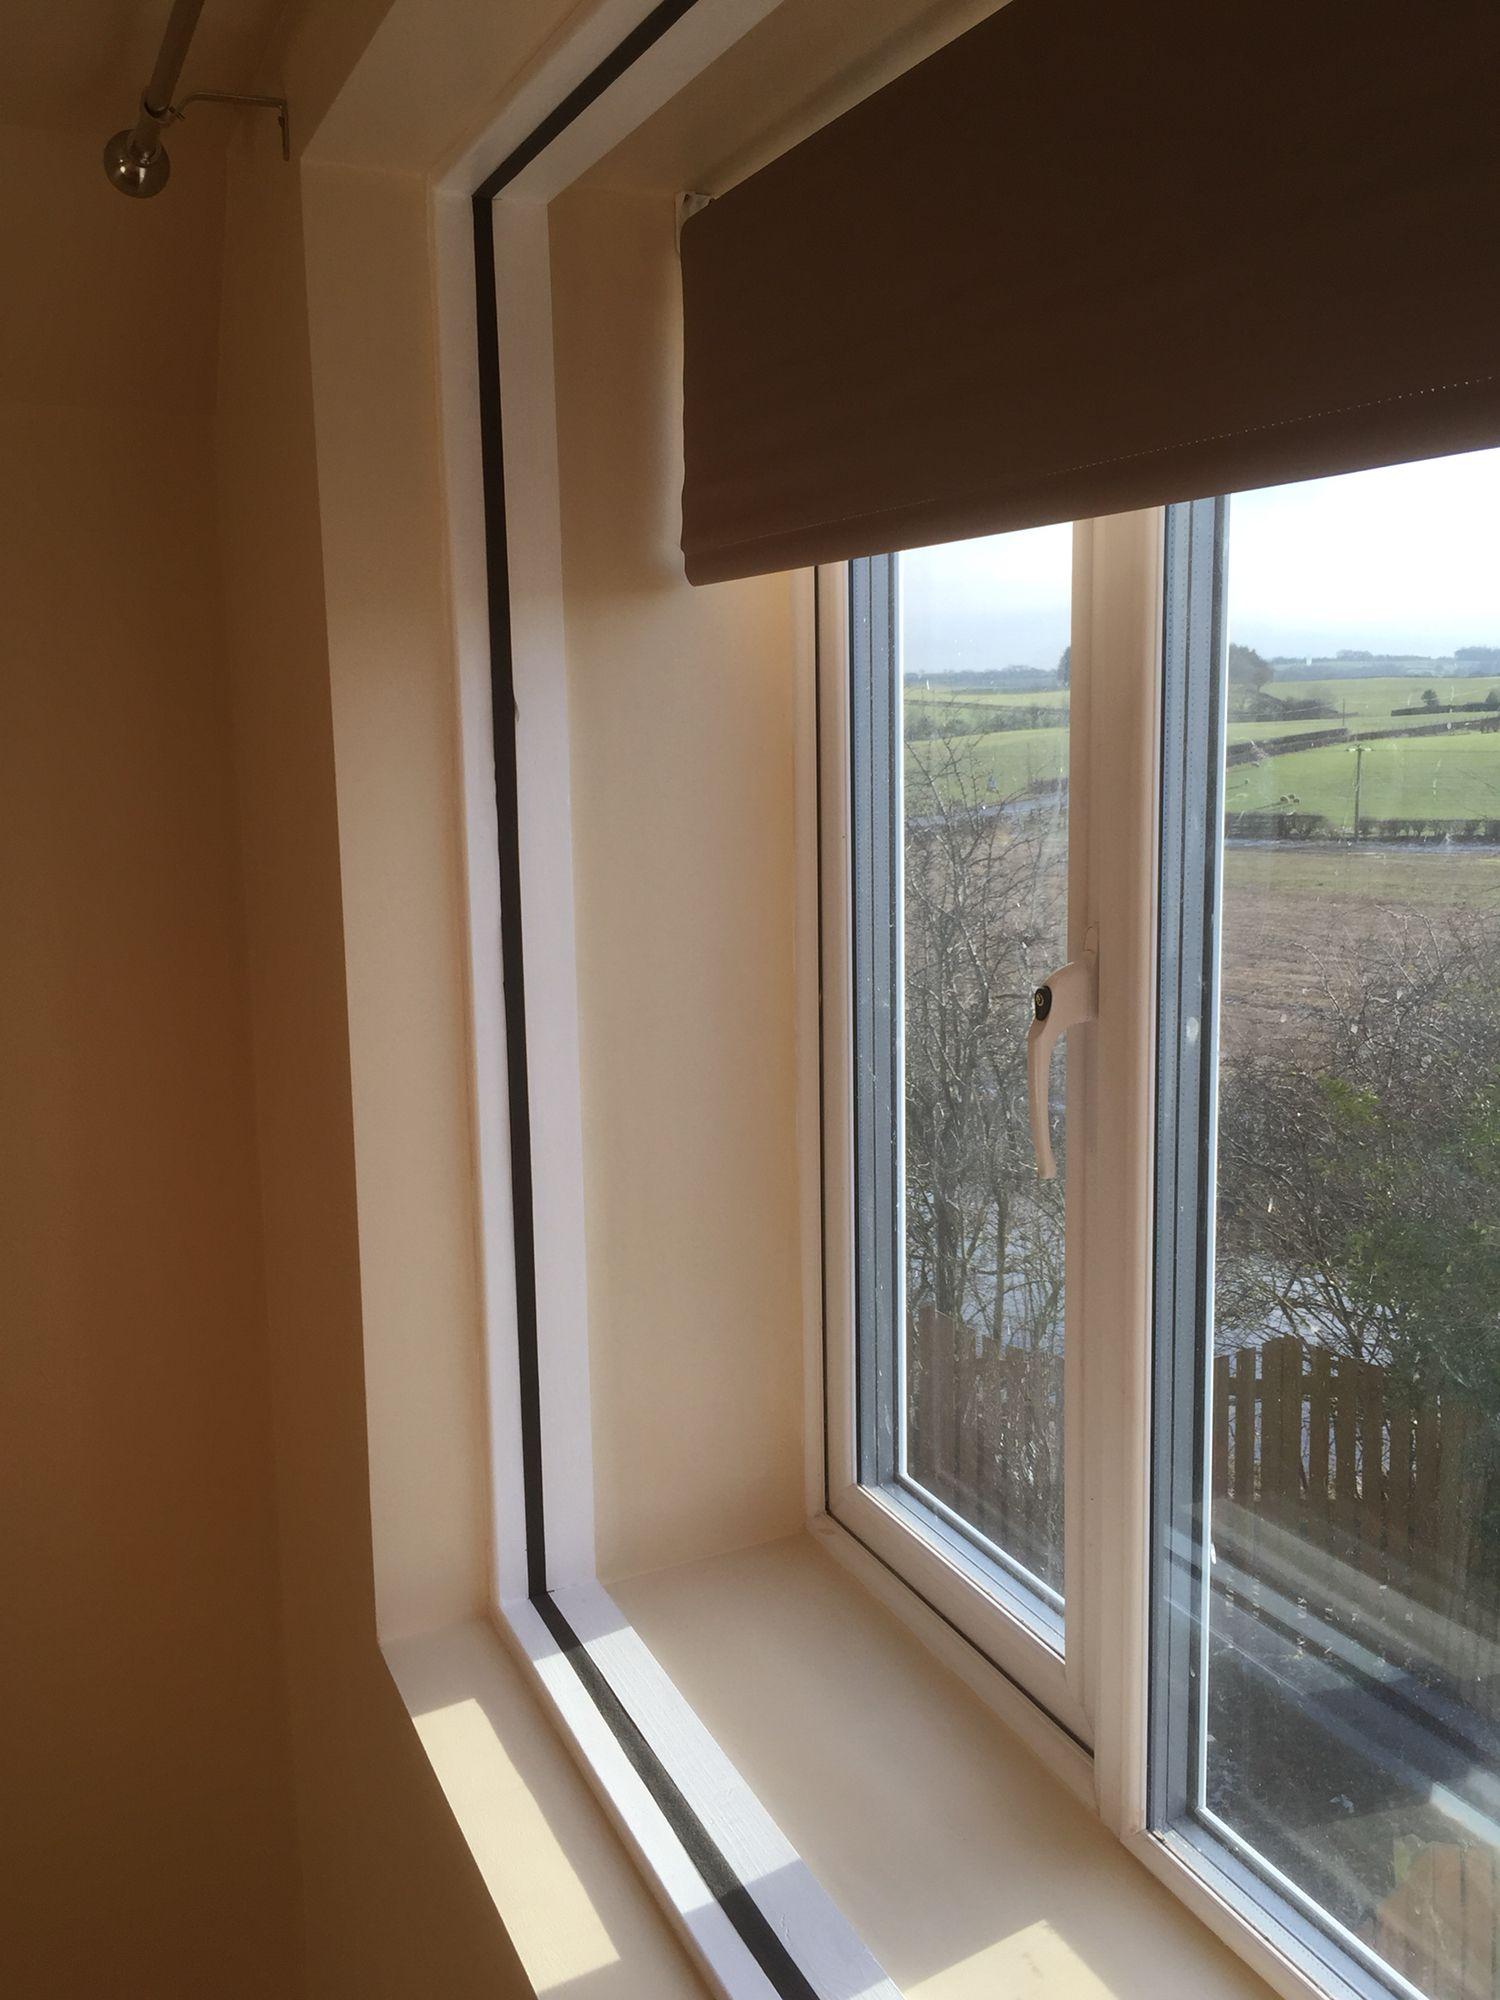 Window Detail In Soundproofing Room Within A Room · Home Music StudiosSliding  Door